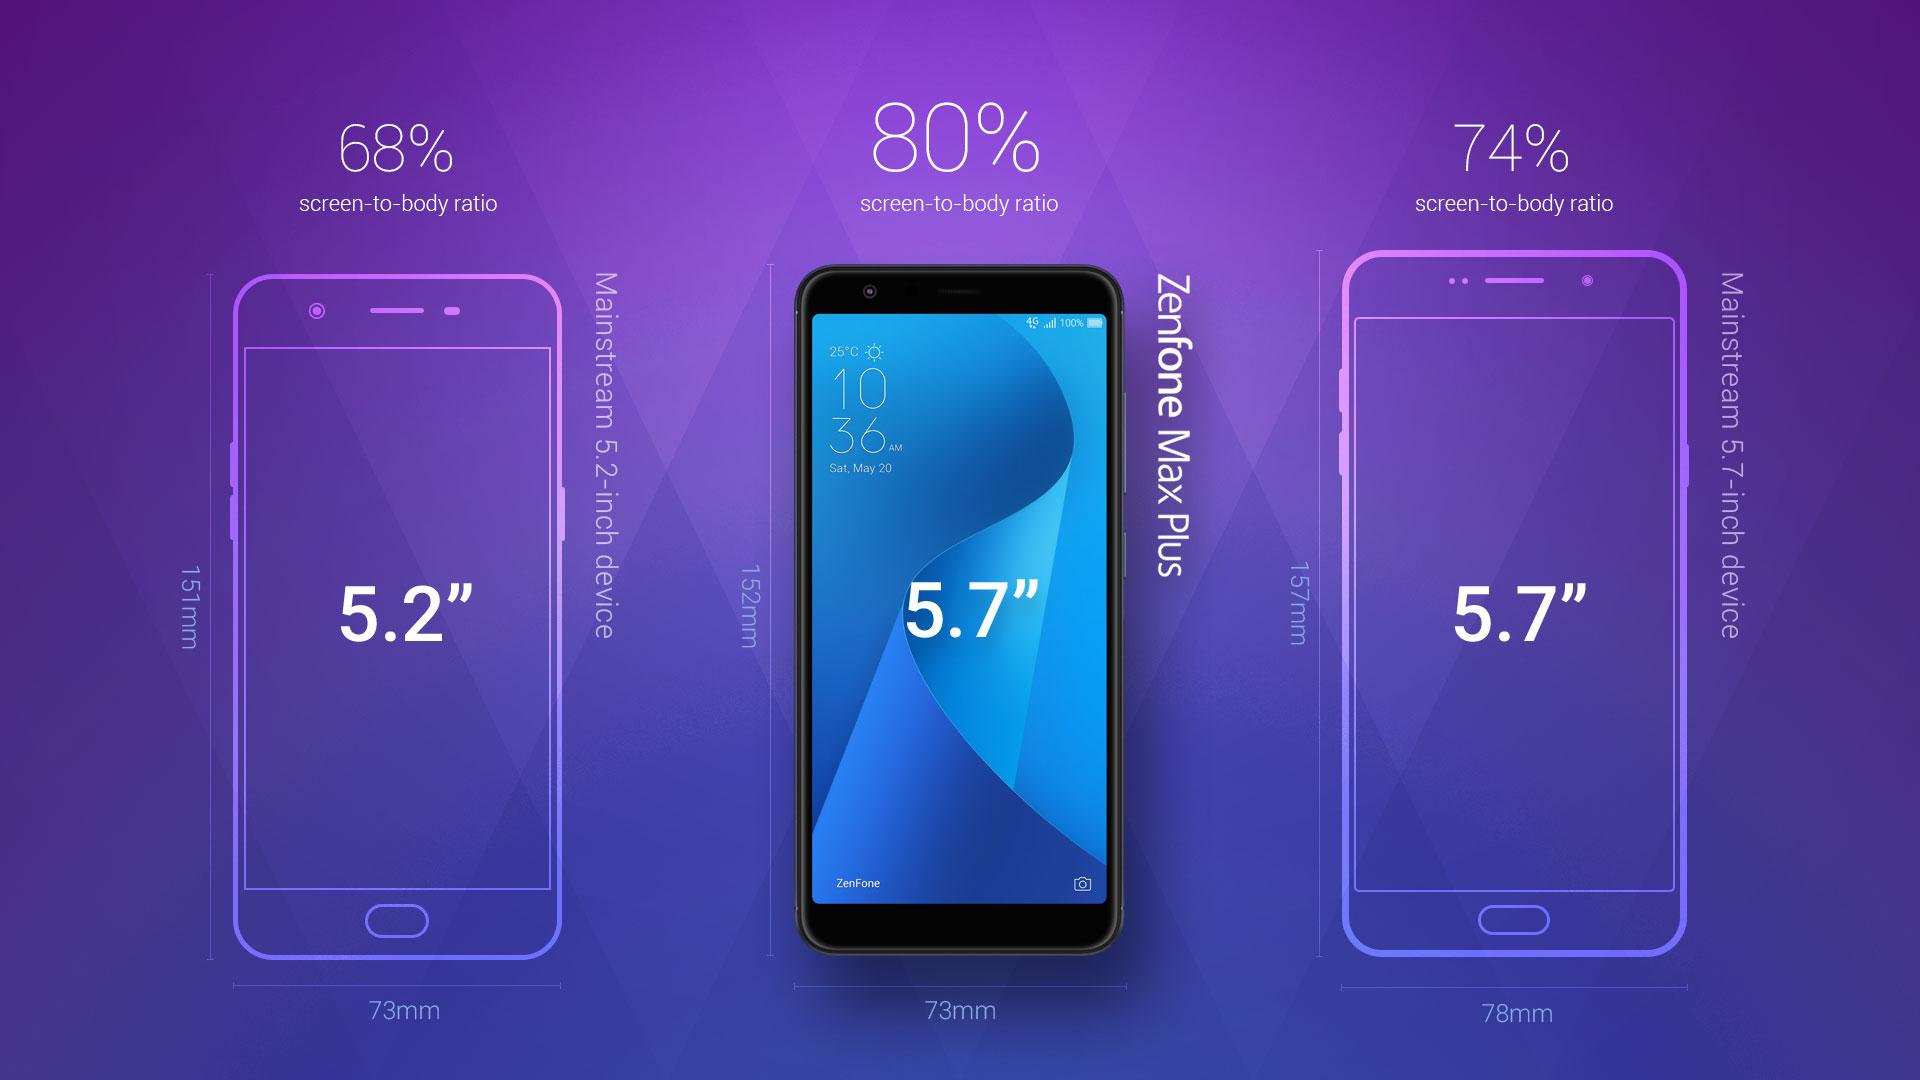 ZenFone Max Plus size comparison